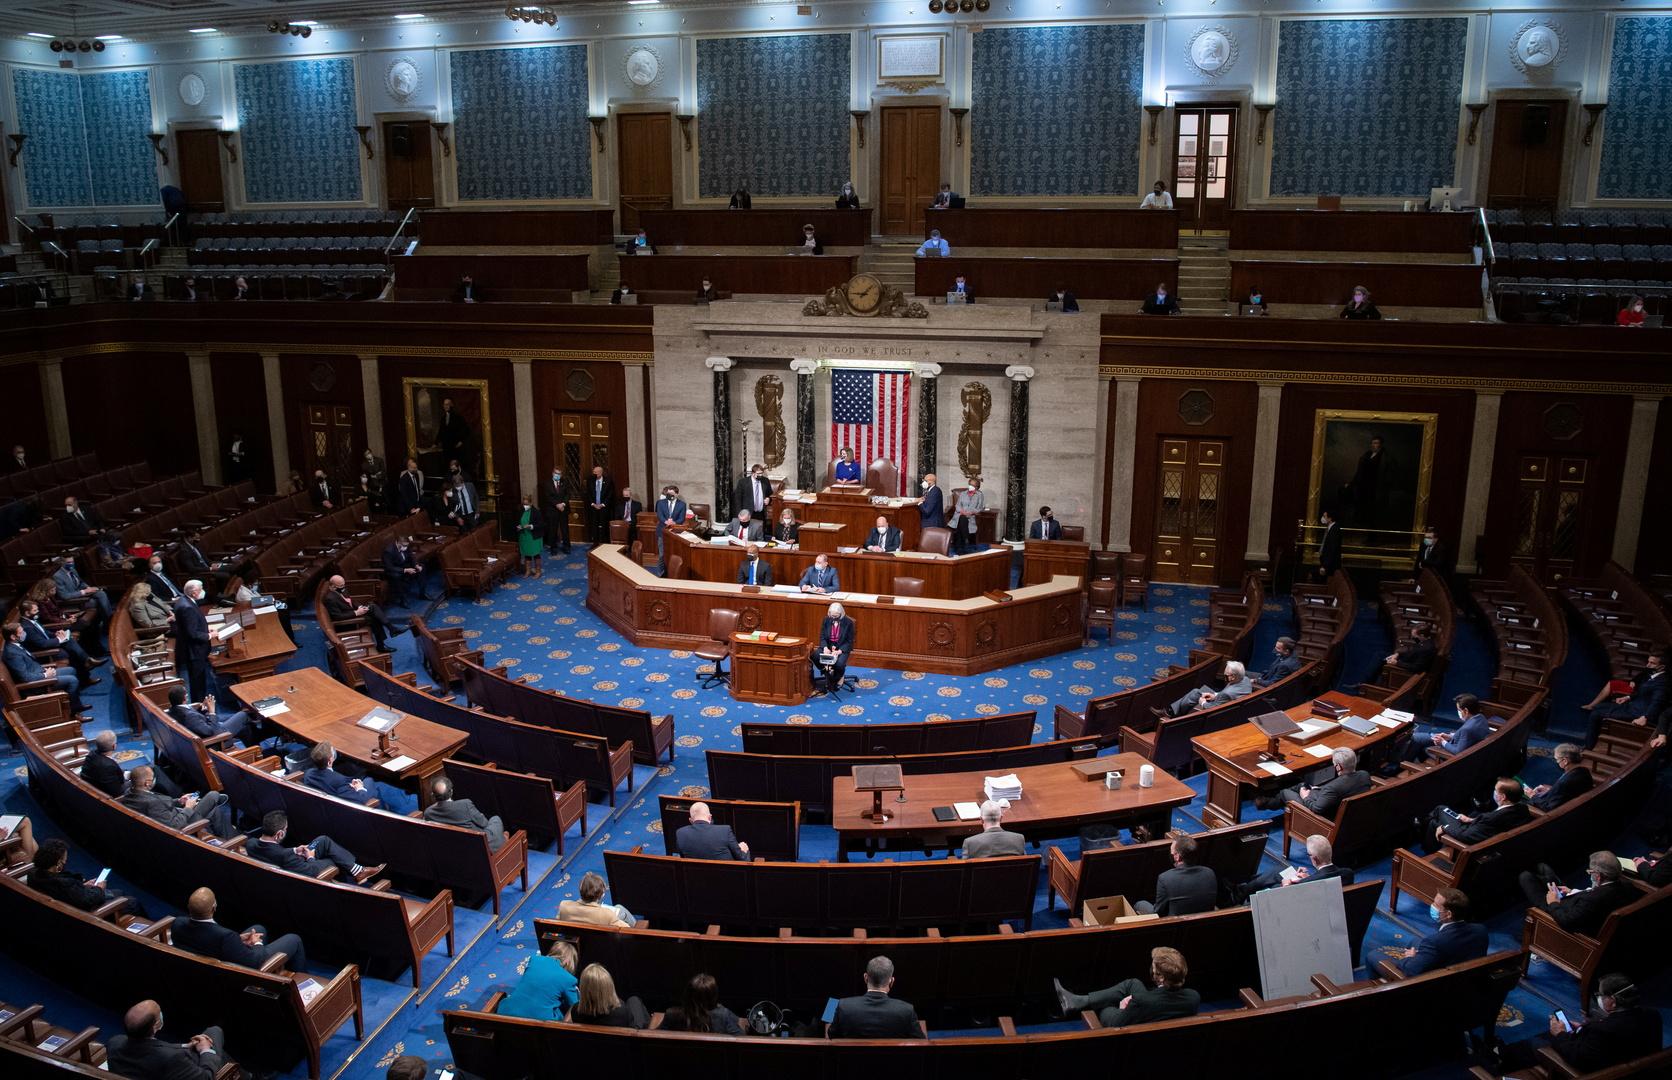 مجلس النواب الأمريكي يصوت لمصلحة المضي قدما في مناقشة عزل ترامب